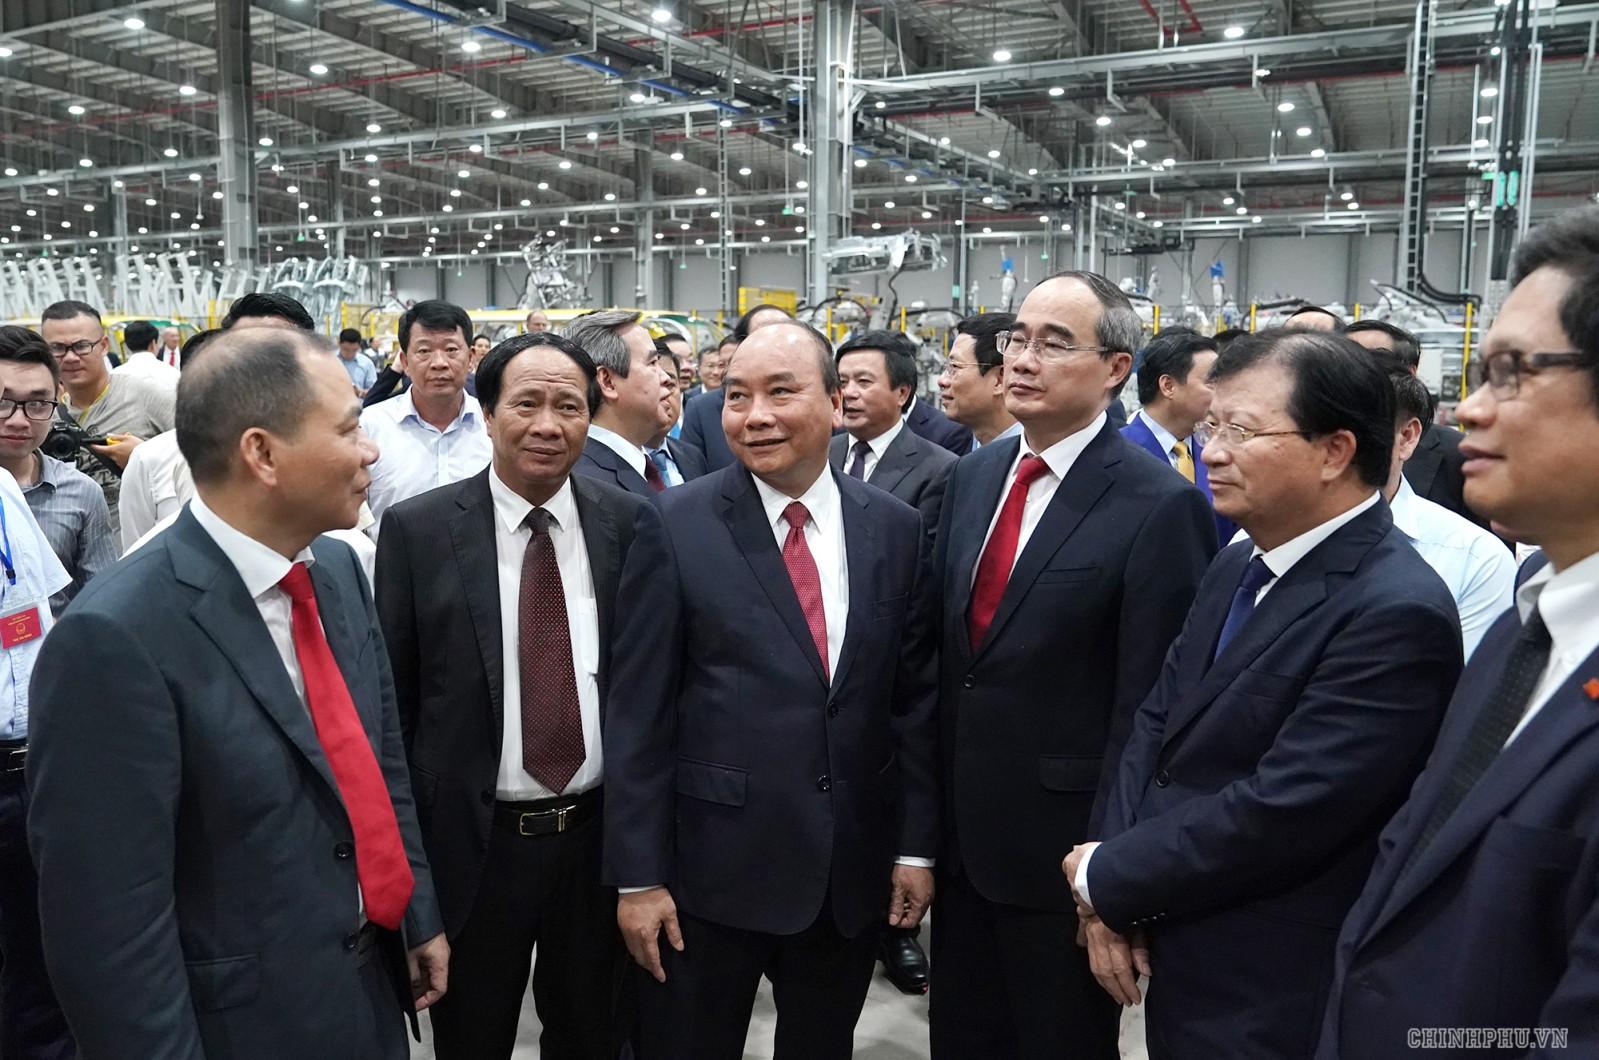 Thủ tướng và các đại biểu tại sự kiện. Ảnh: VGP/Quang Hiếu